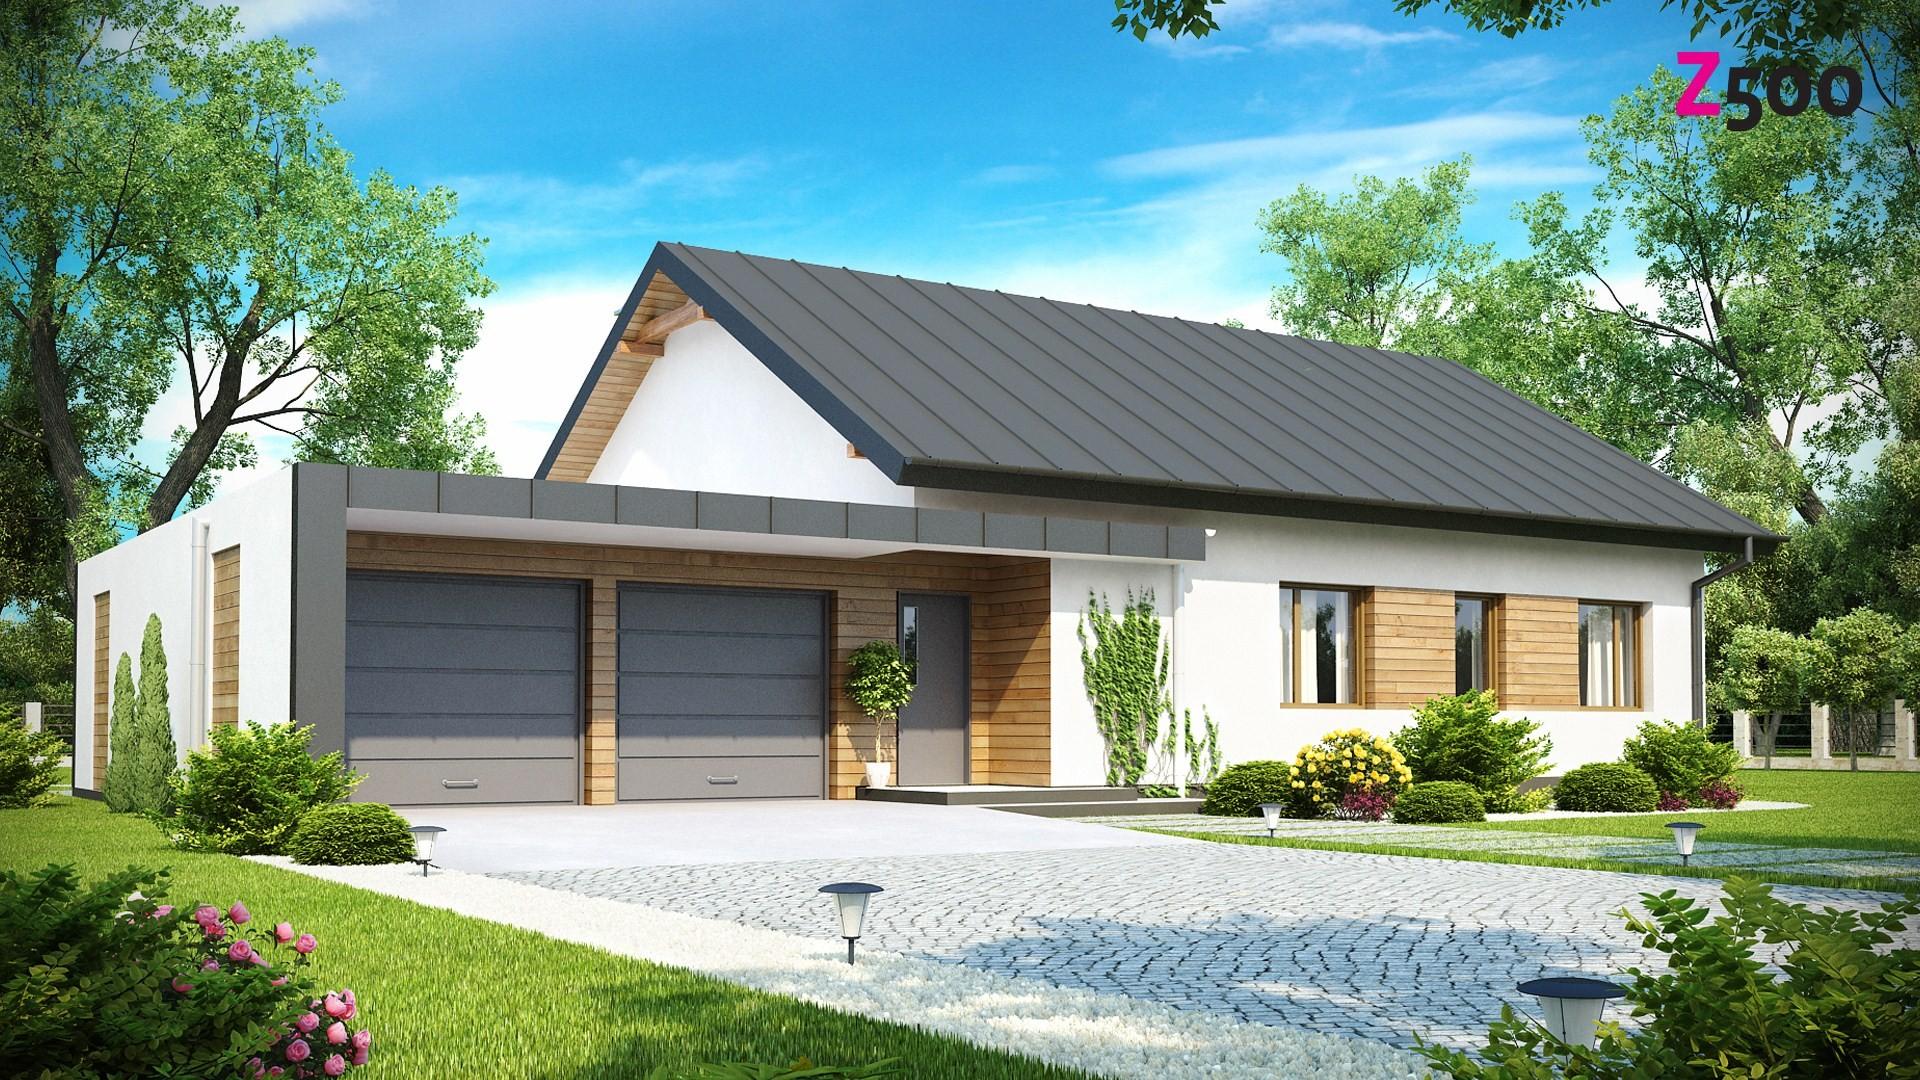 Дизайн гаражей частных домов фото